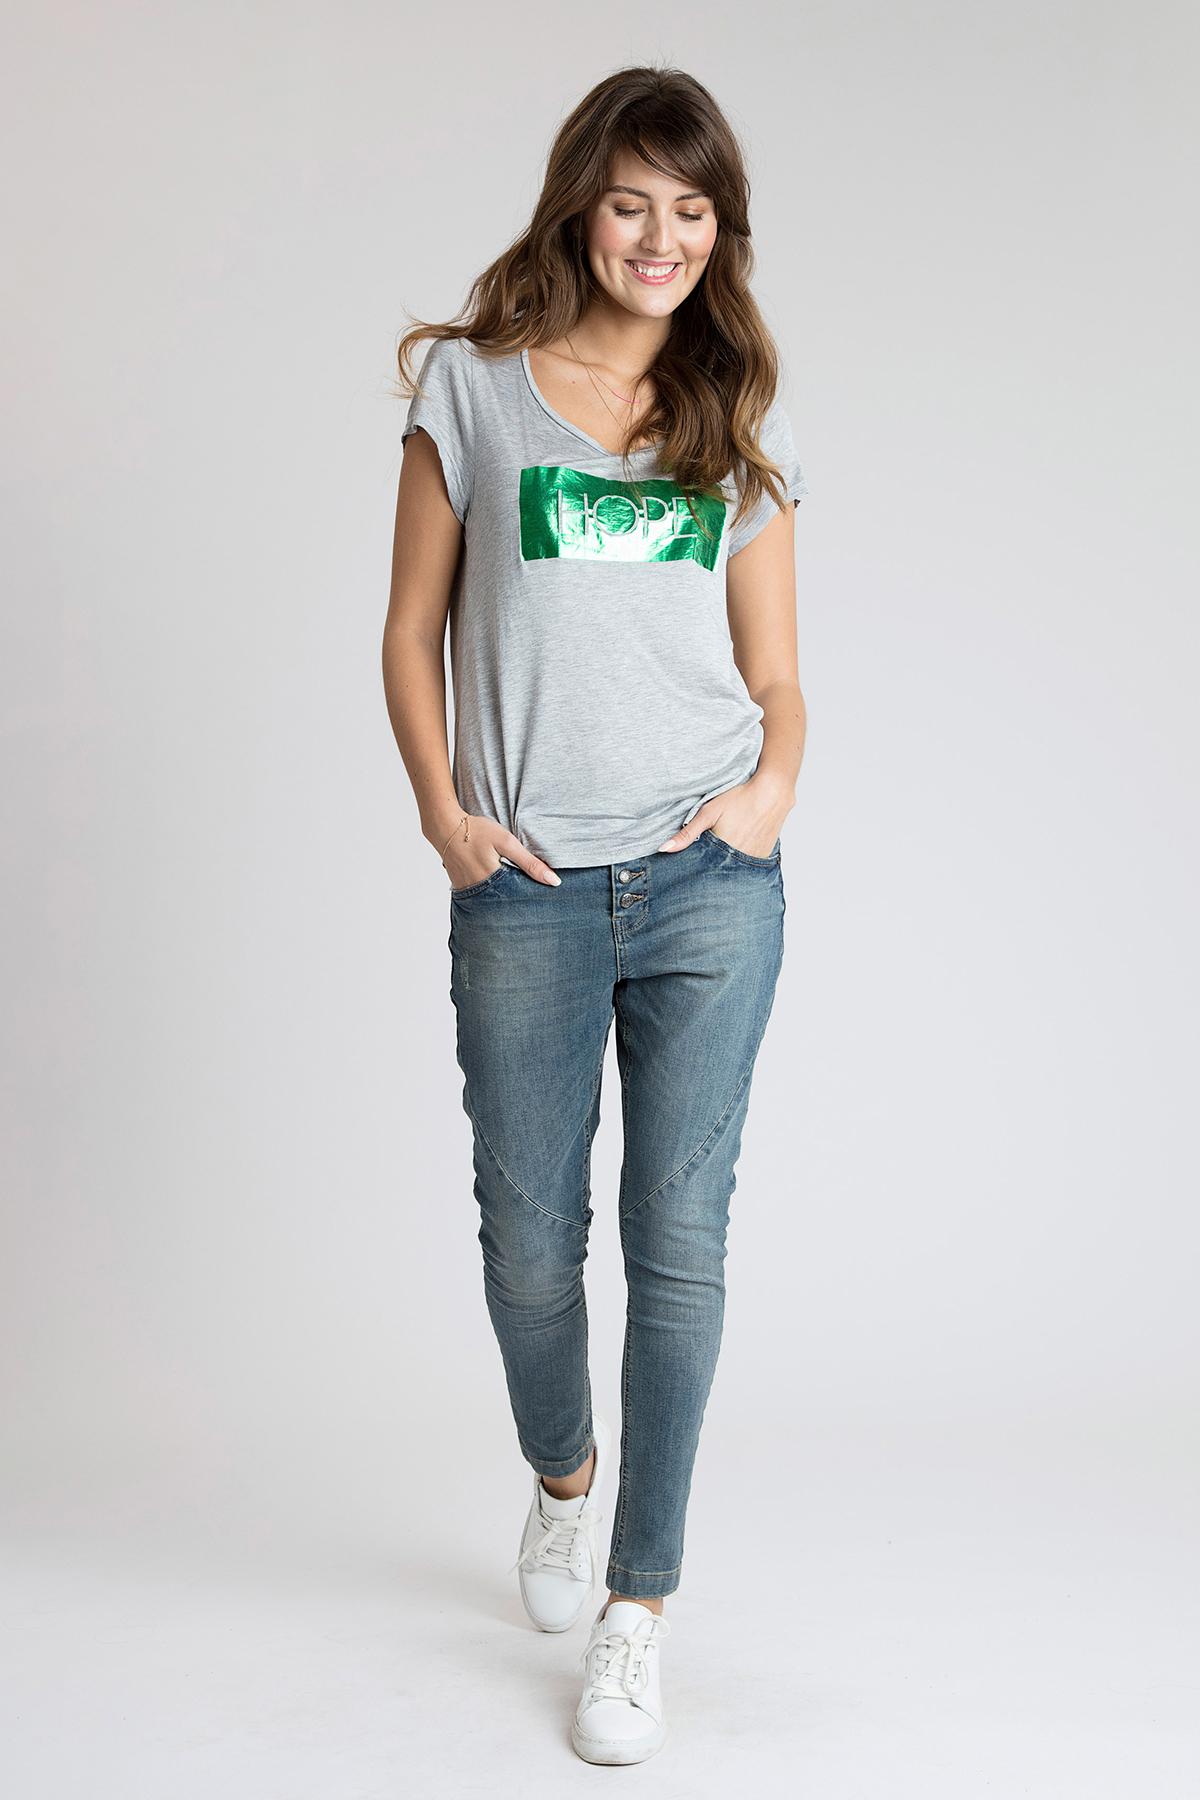 Hellgrau meliert Kurzarm T-Shirt von Kaffe – Shoppen Sie Hellgrau meliert Kurzarm T-Shirt ab Gr. XS-XXL hier